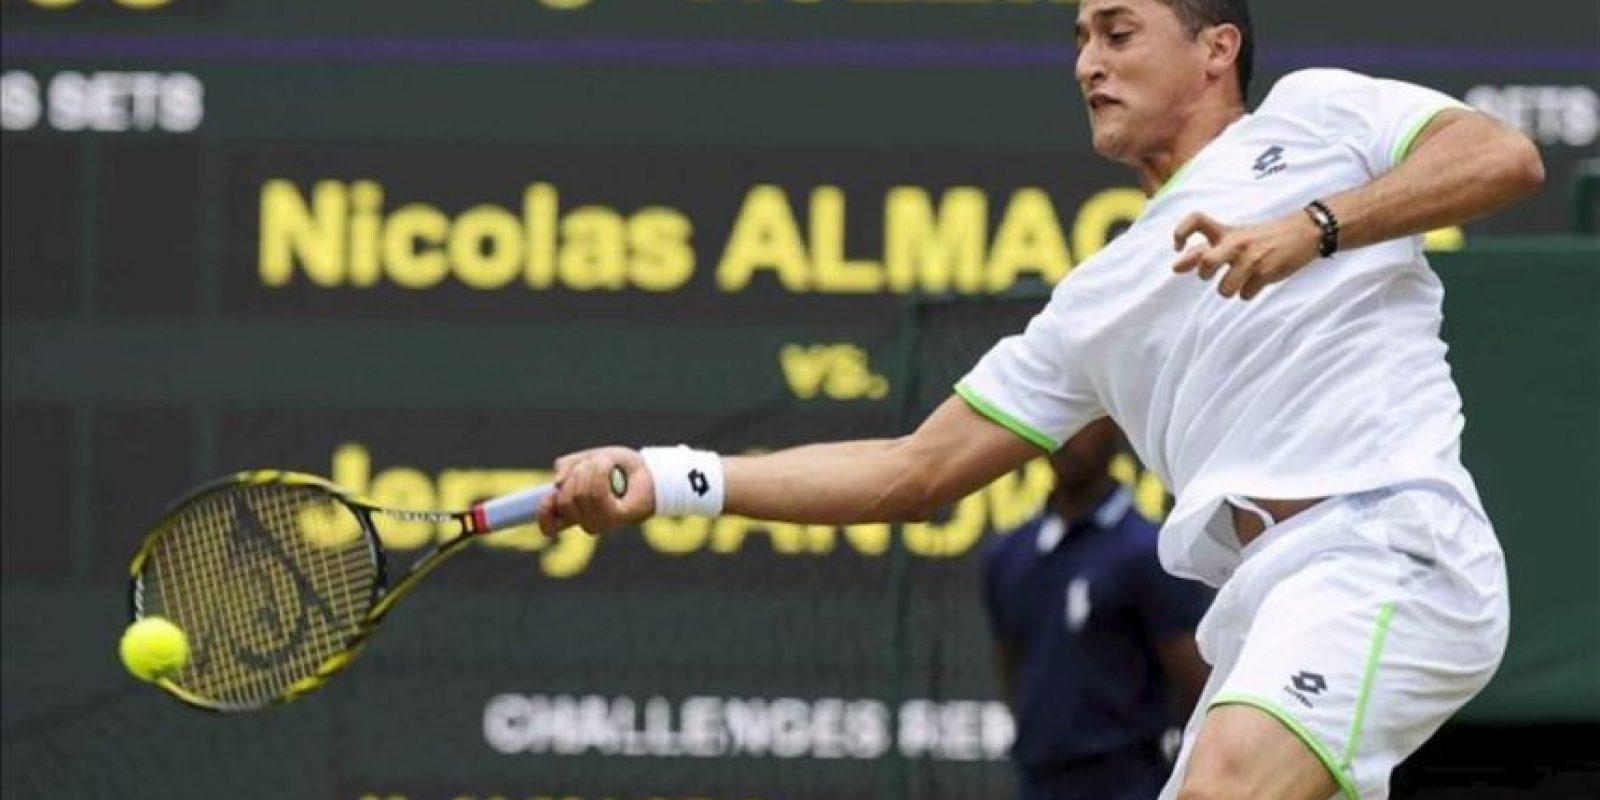 El tenista español Nicolás Almagro durante el partido de segunda ronda del torneo de Wimbledon. EFE